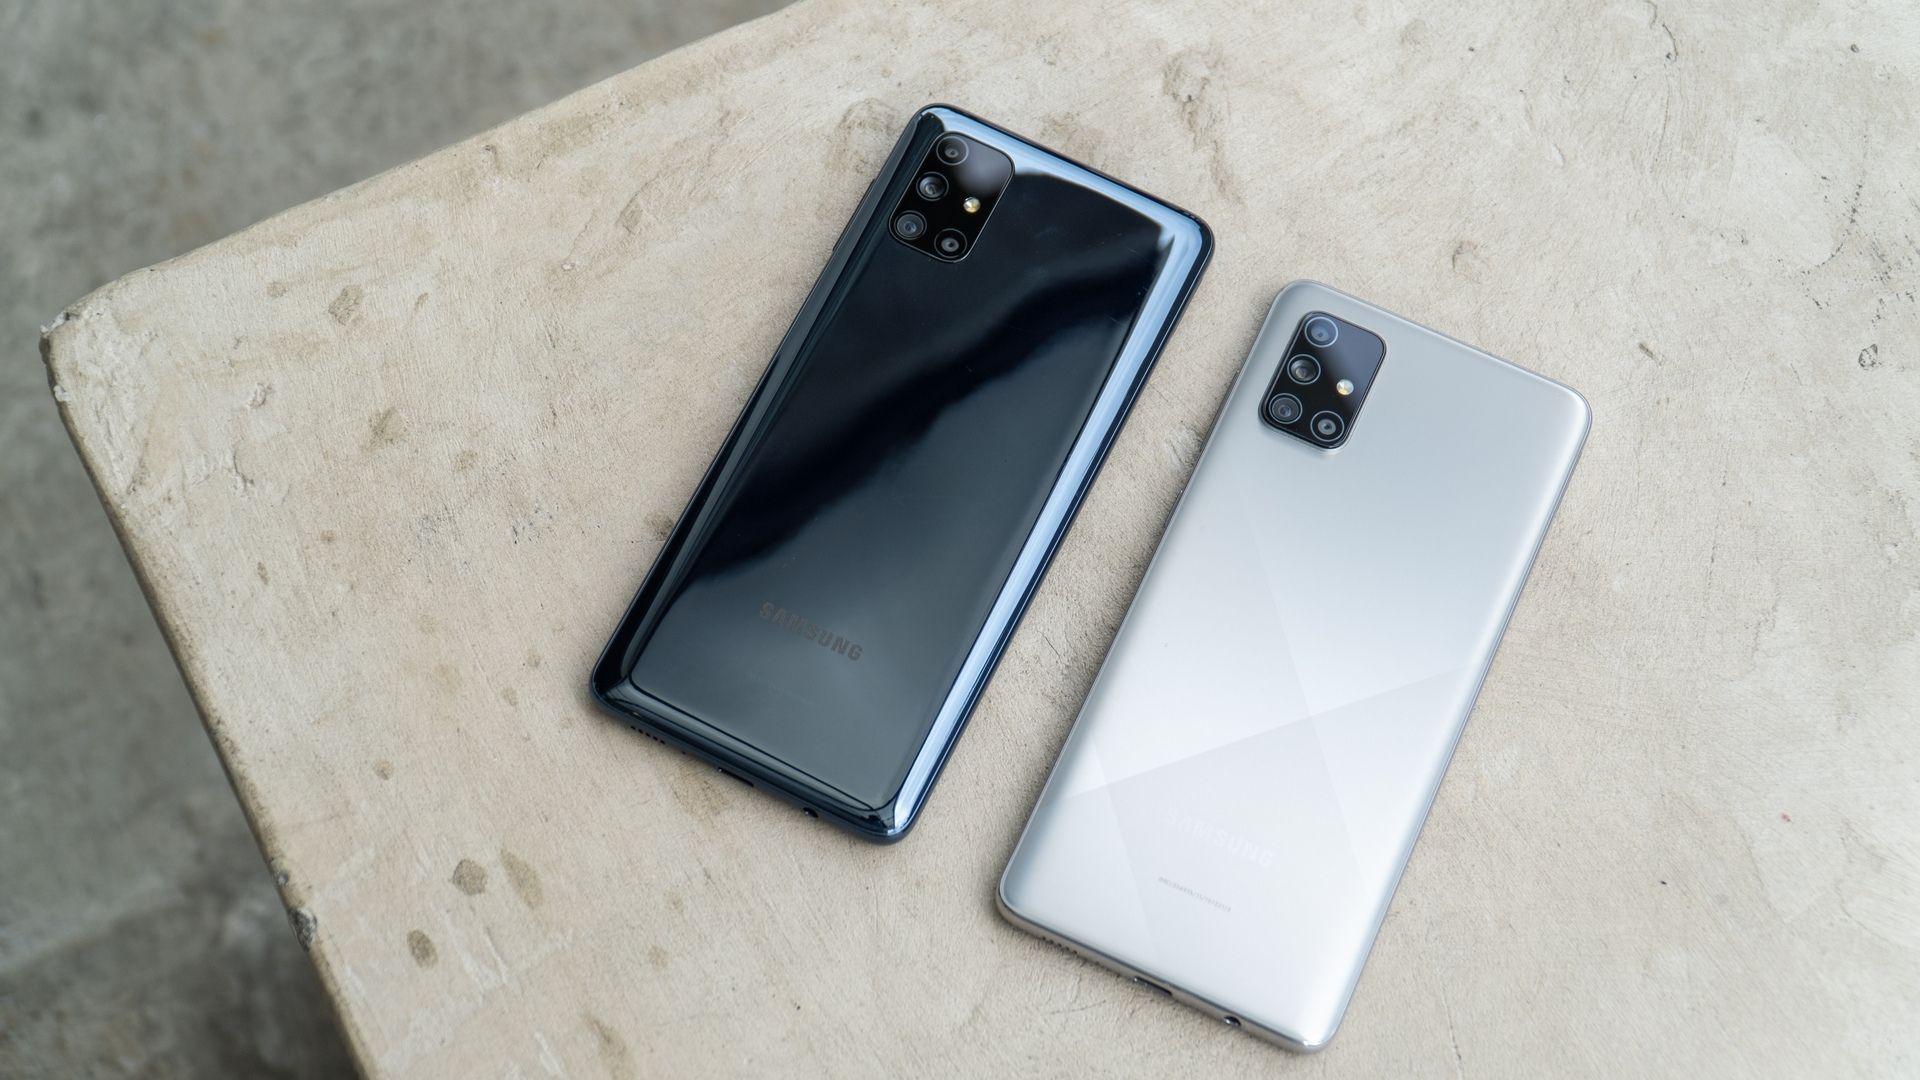 O Galaxy M51 é o melhor celular Samsung até R$ 3.000 para quem busca bateria potente (Foto: Shutterstock)